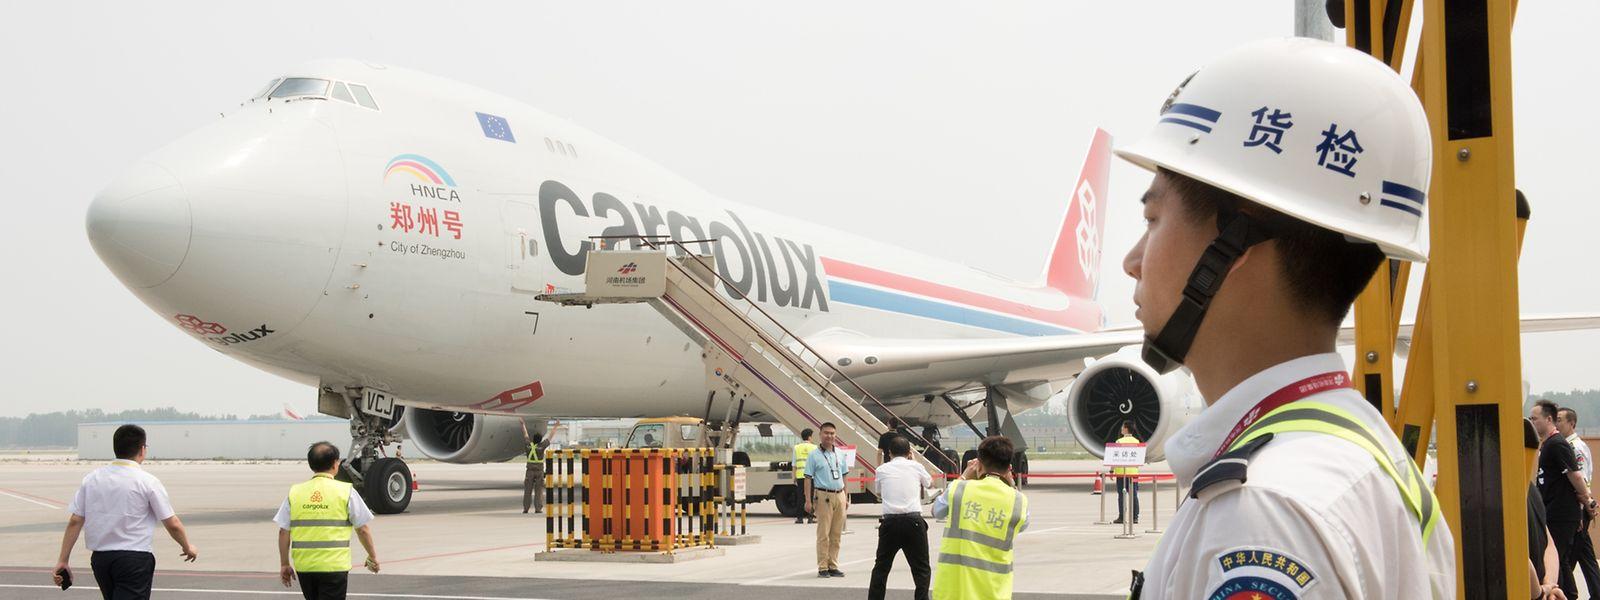 """Dieser Cargolux-Jumbo trägt den Namen der Hauptstadt der chinesischen Provinz Henan: """"City of Zhengzhou"""".."""